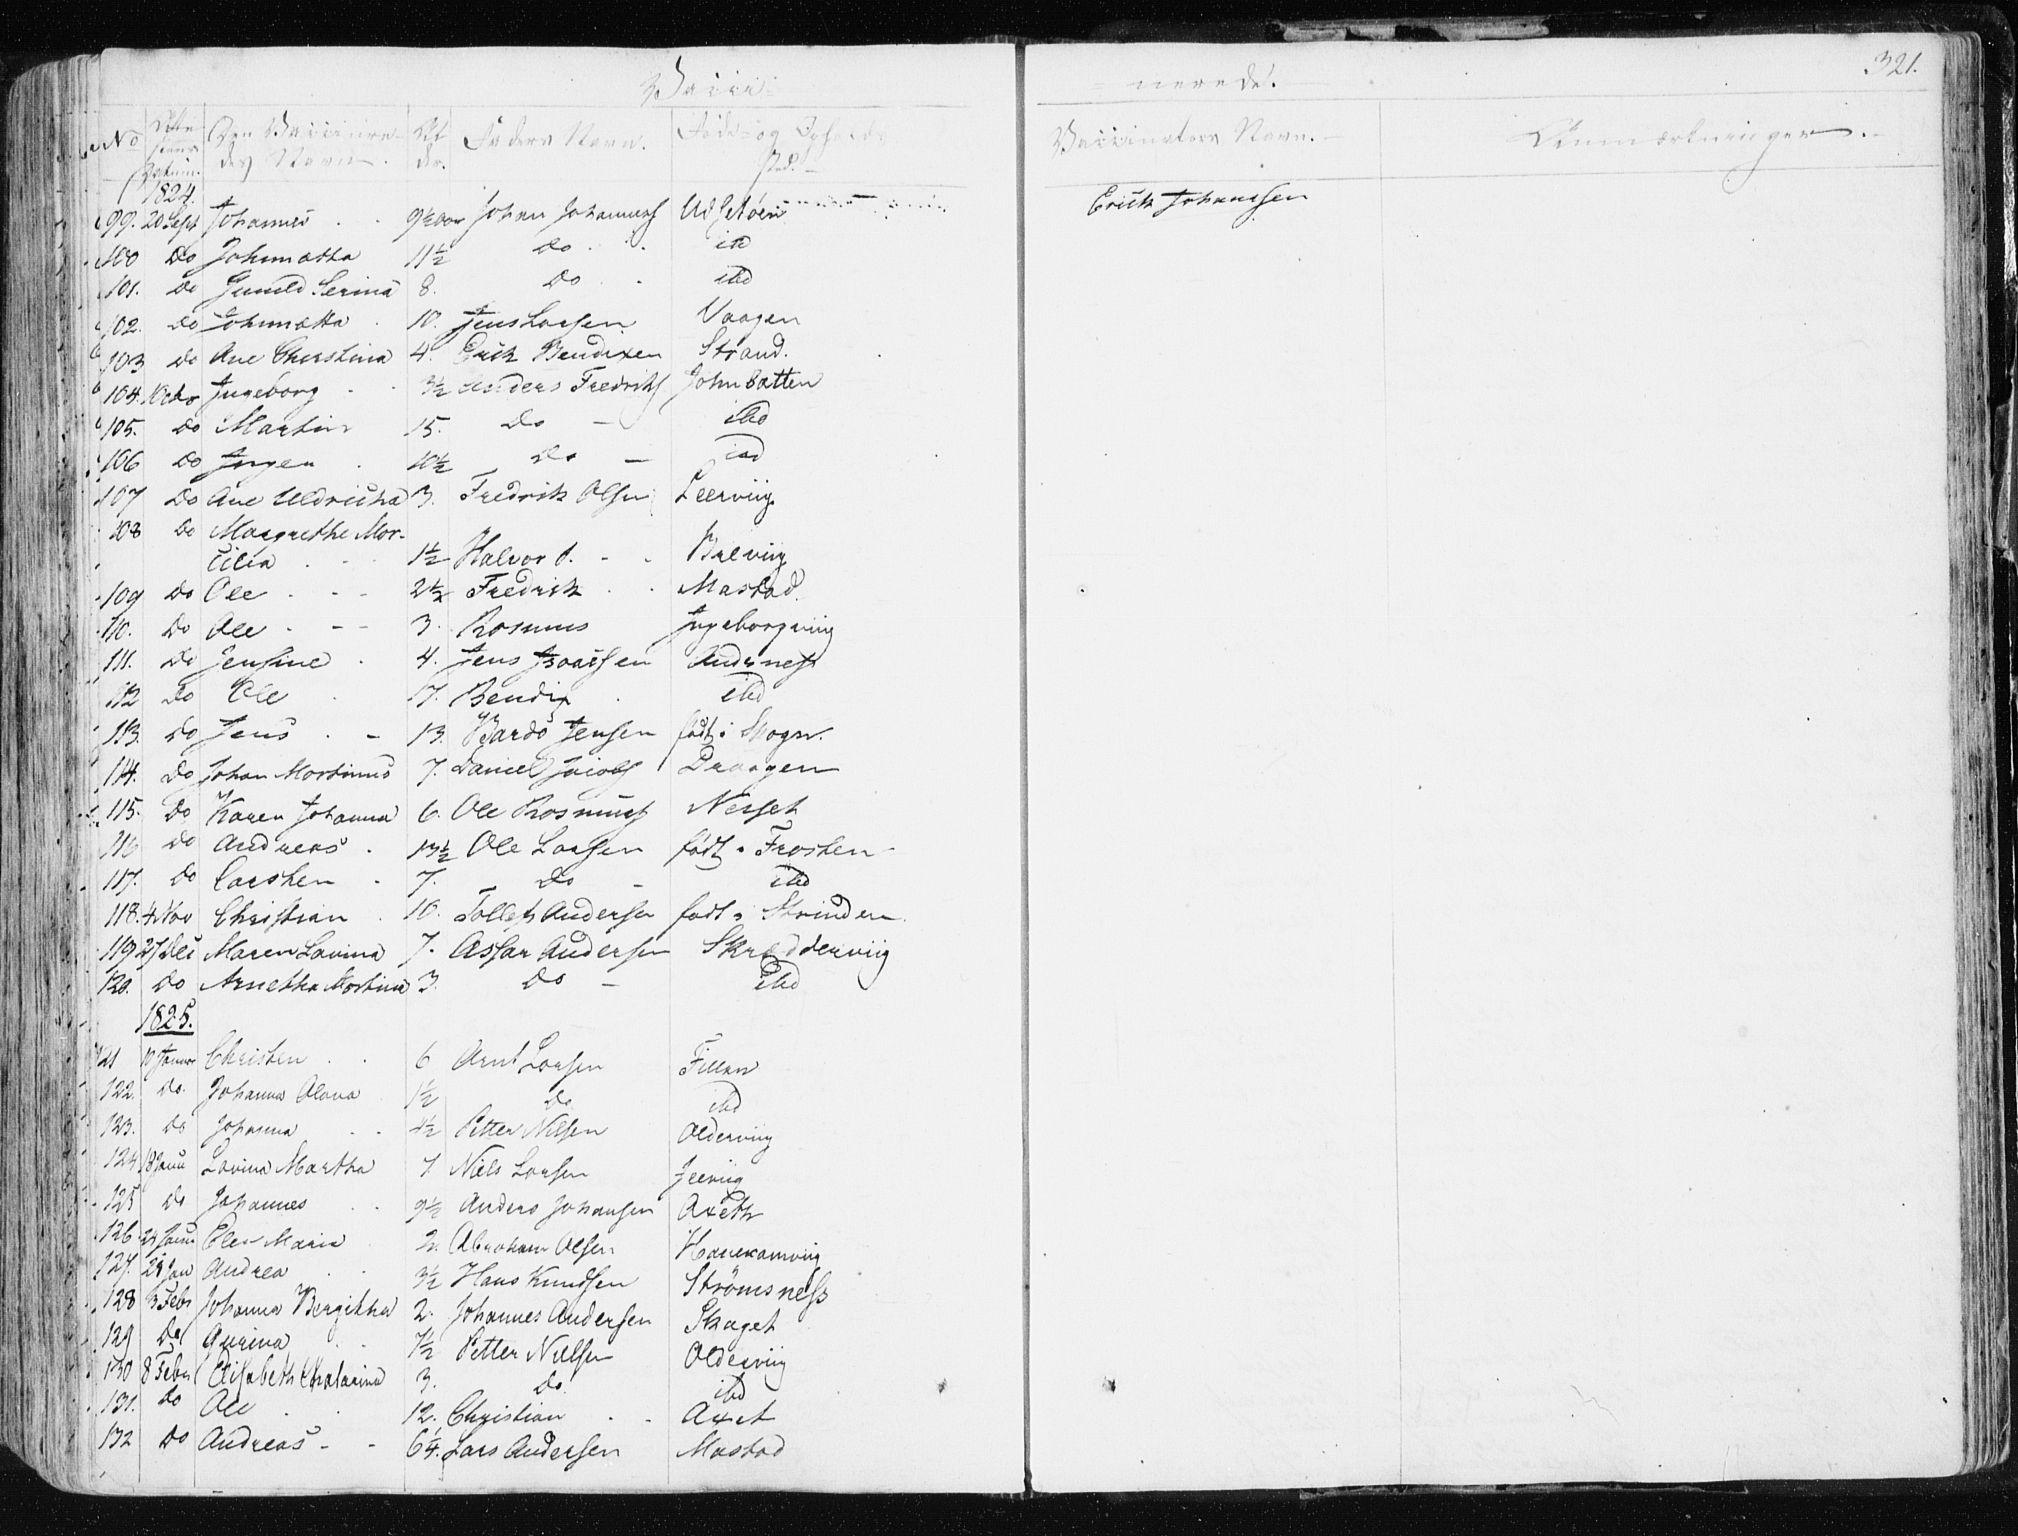 SAT, Ministerialprotokoller, klokkerbøker og fødselsregistre - Sør-Trøndelag, 634/L0528: Ministerialbok nr. 634A04, 1827-1842, s. 321